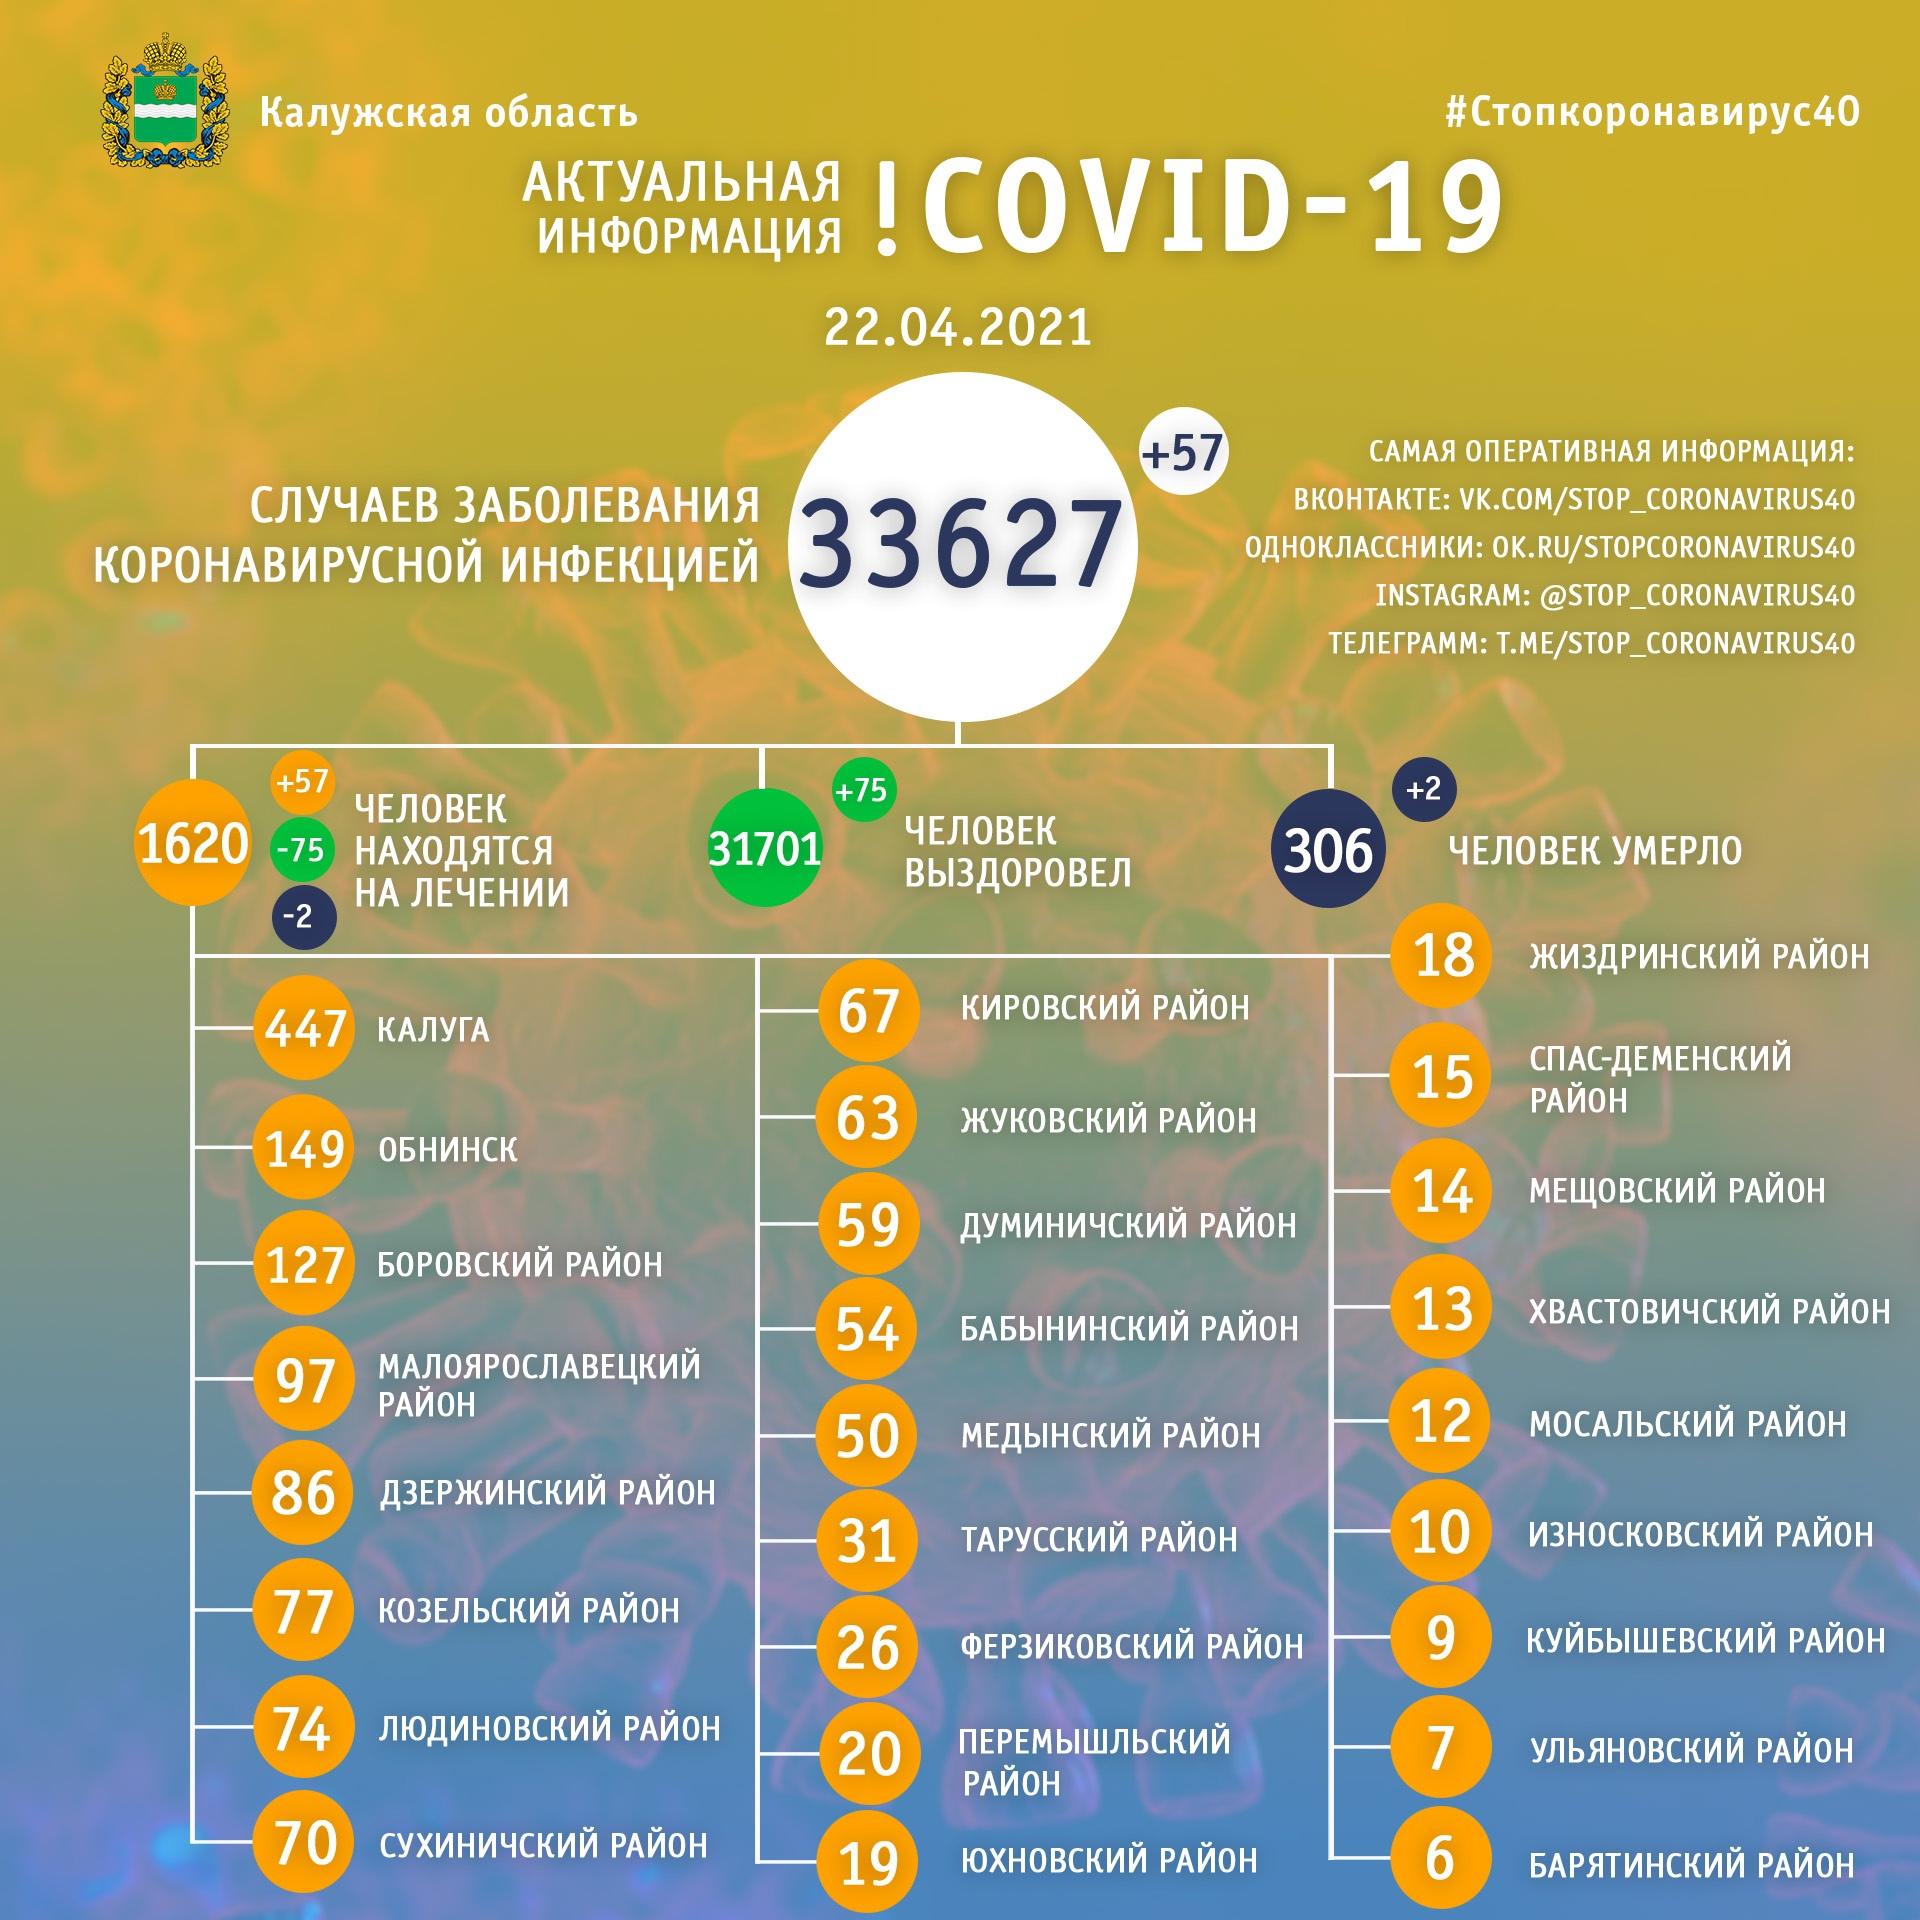 Официальная статистика по коронавирусу в Калужской области на 22 апреля 2021 года.